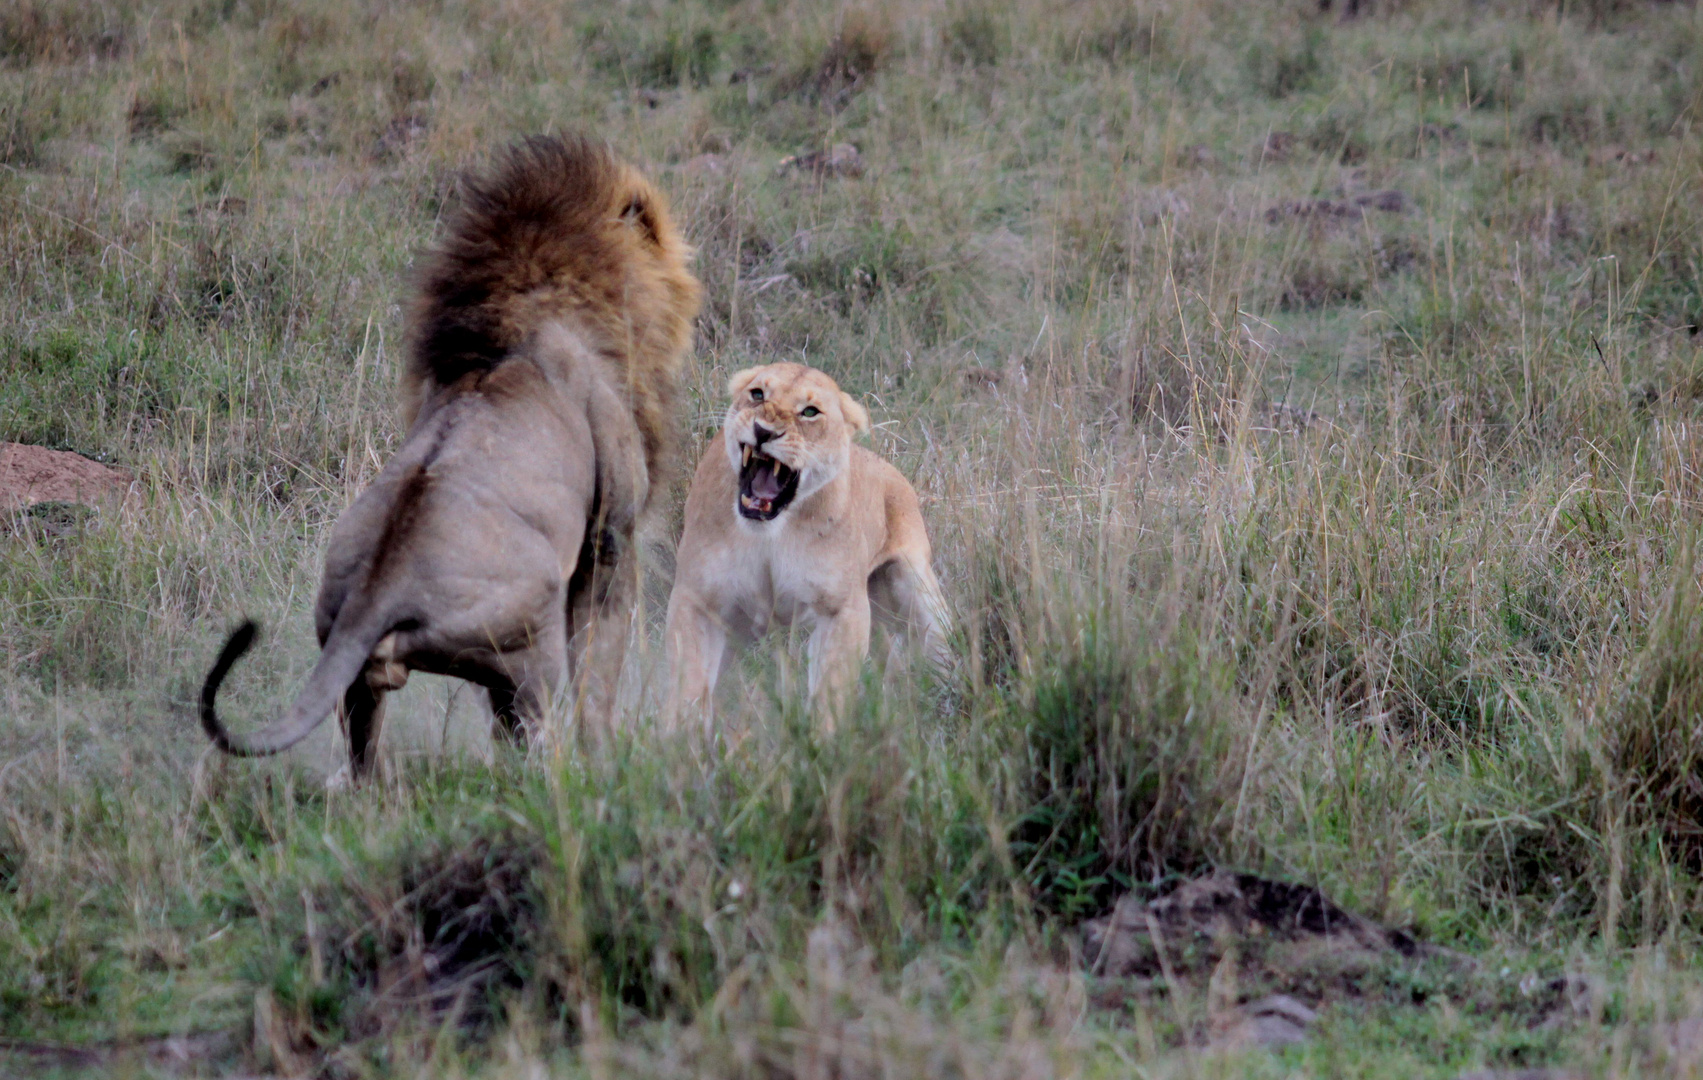 Löwin verteidigt ihre Jungen gegen einen Löwen (1)